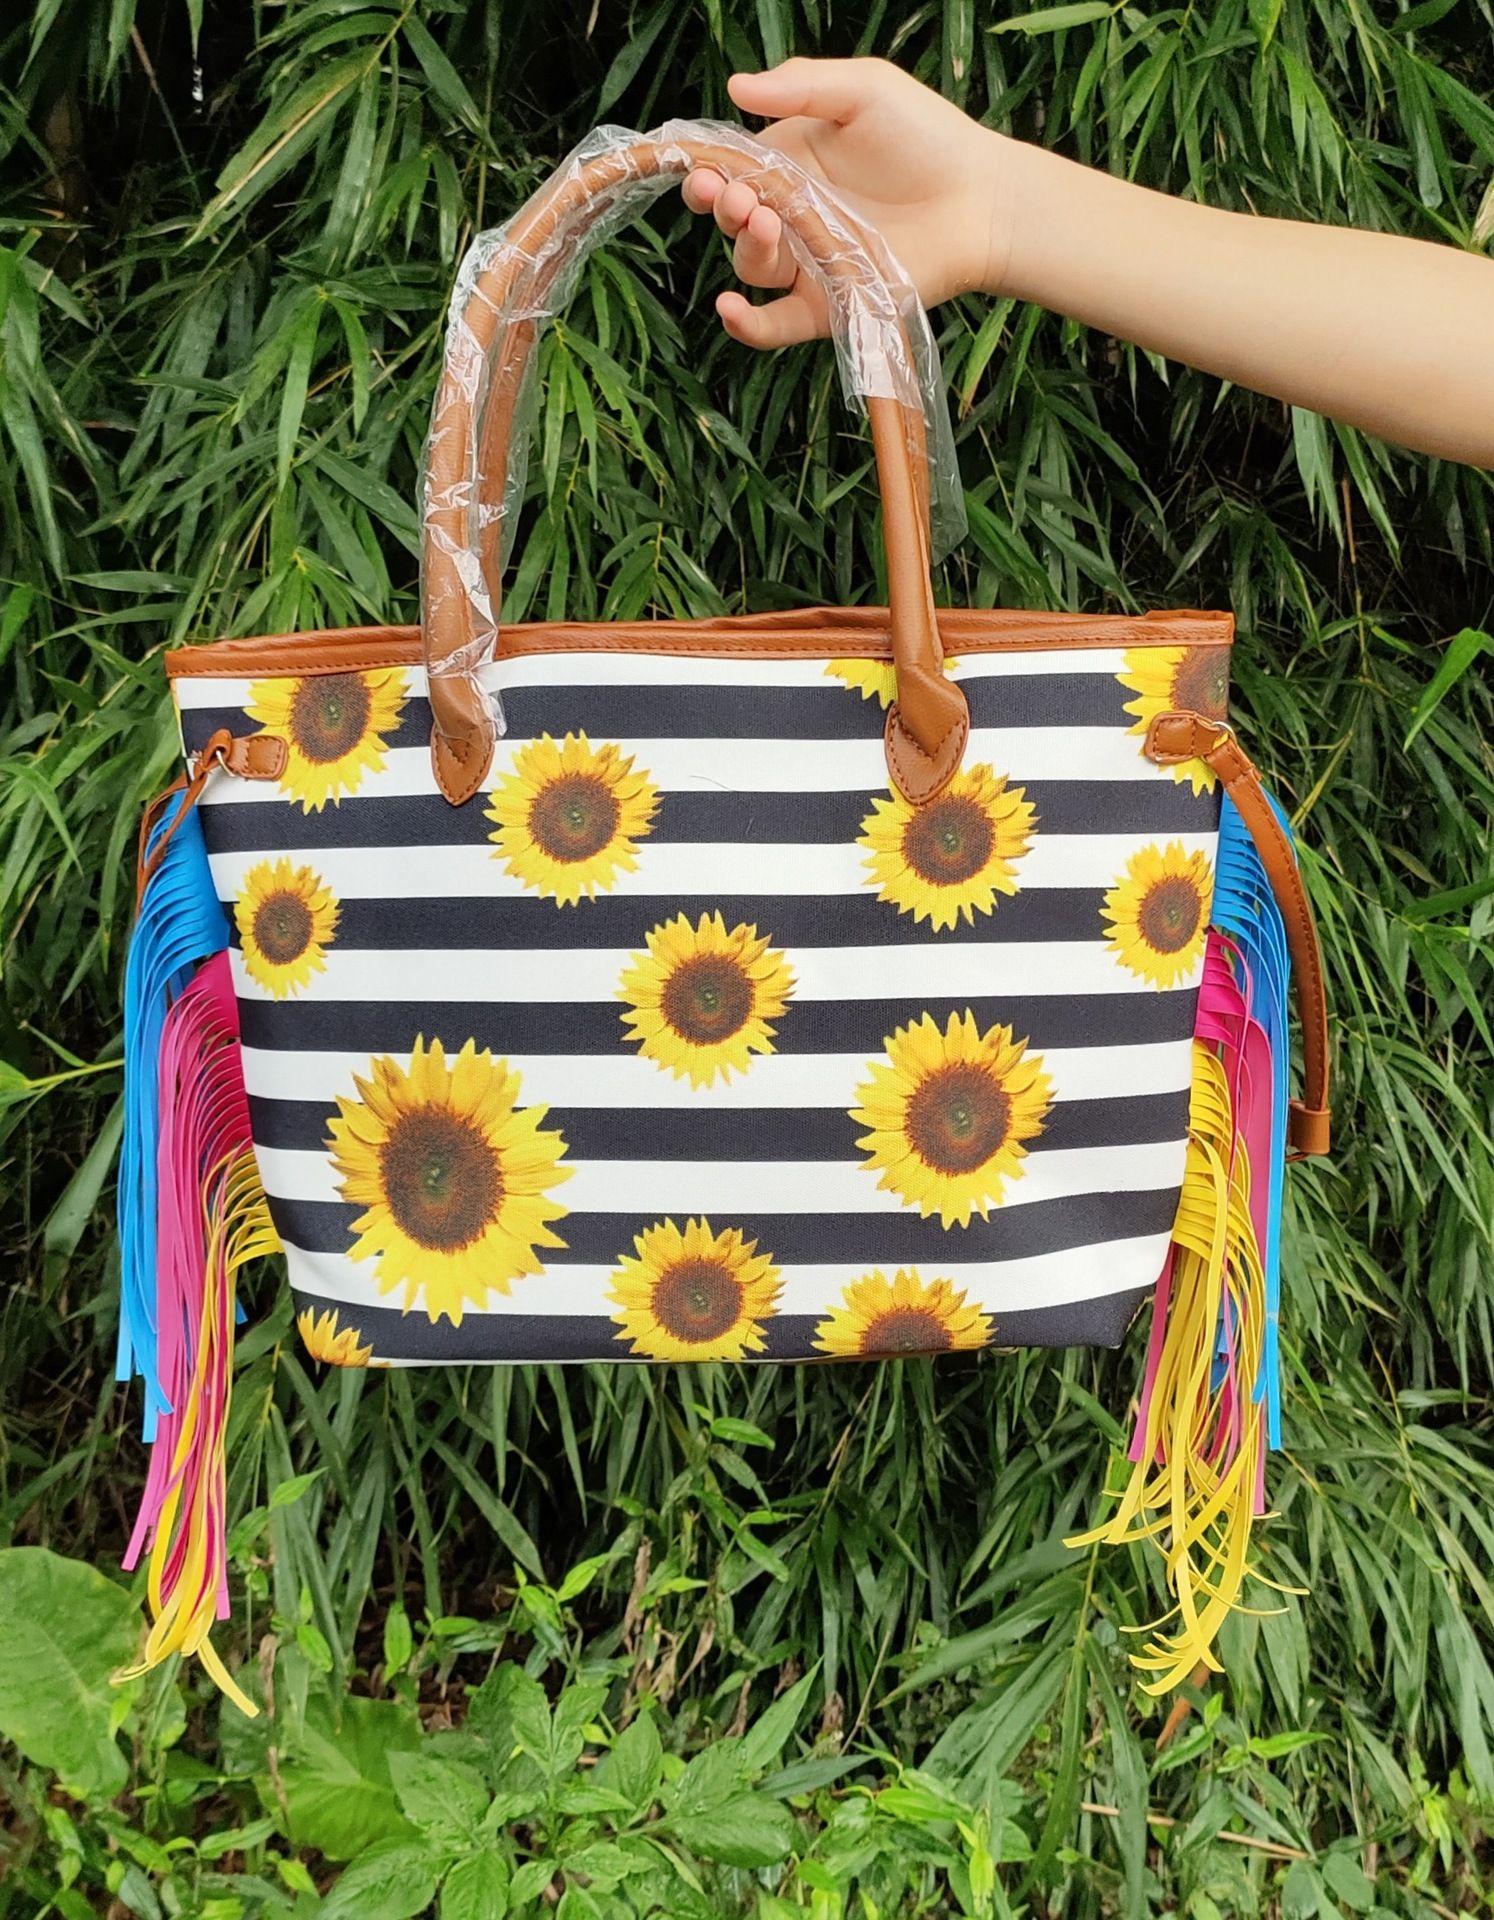 Nouvelle imprimé léopard sac à main des femmes de tournesol sac fourre-tout Weekender sac à bandoulière tie dye avec pompon colorlful